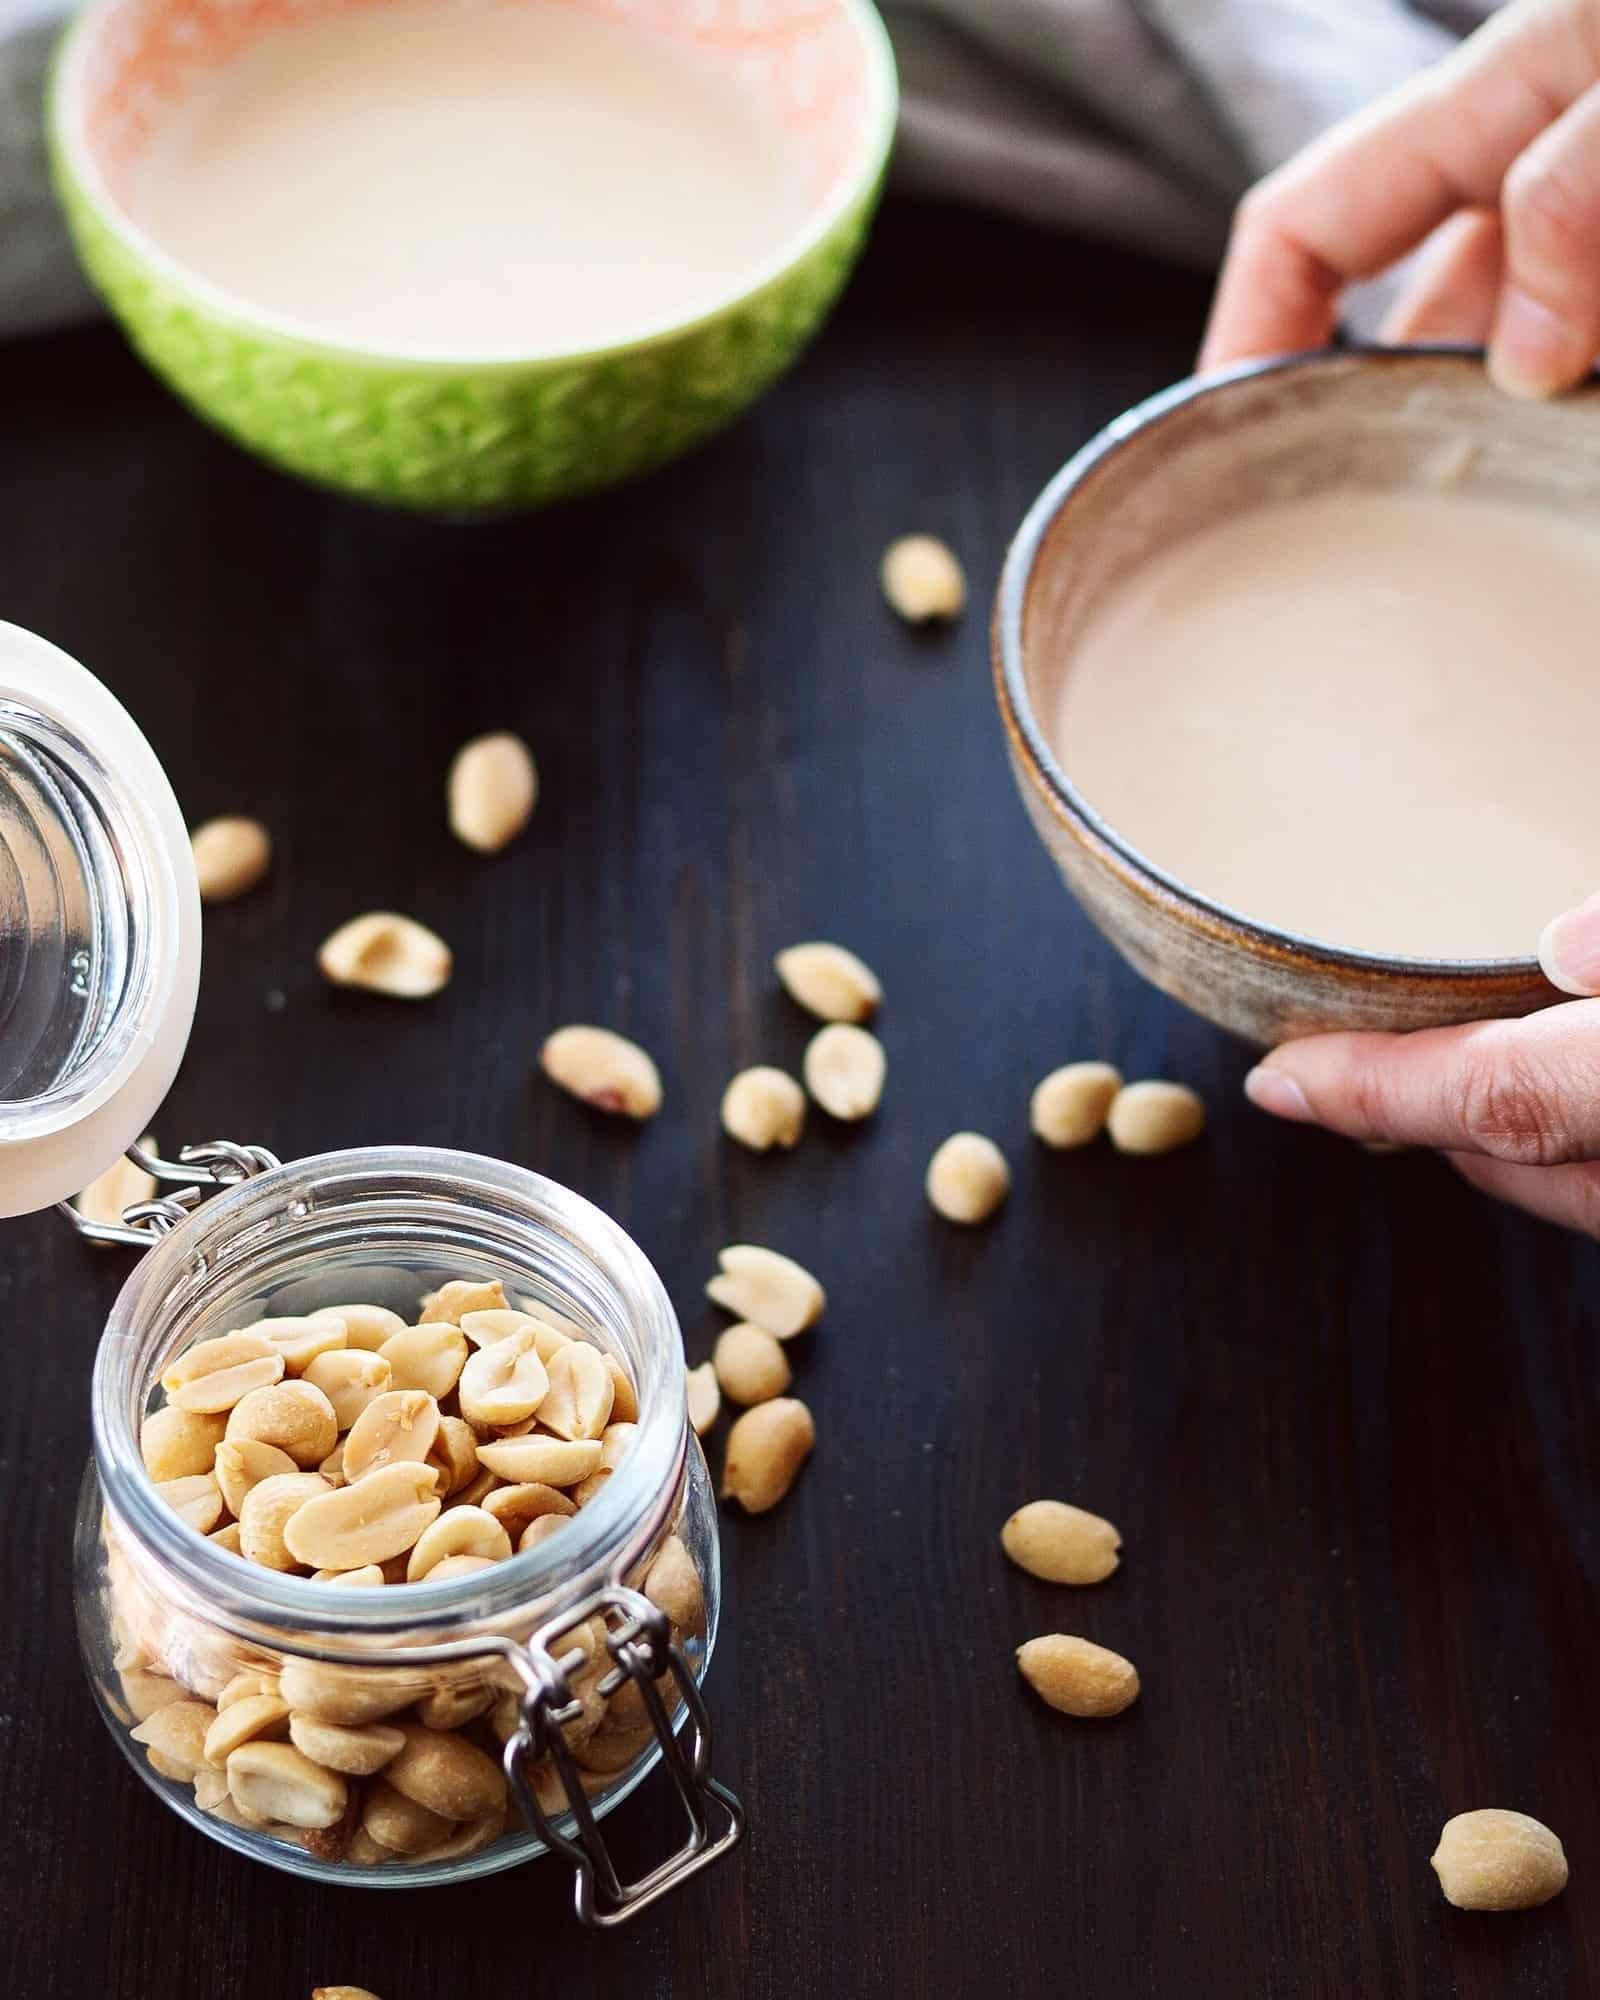 高蛋白花生糊糖水